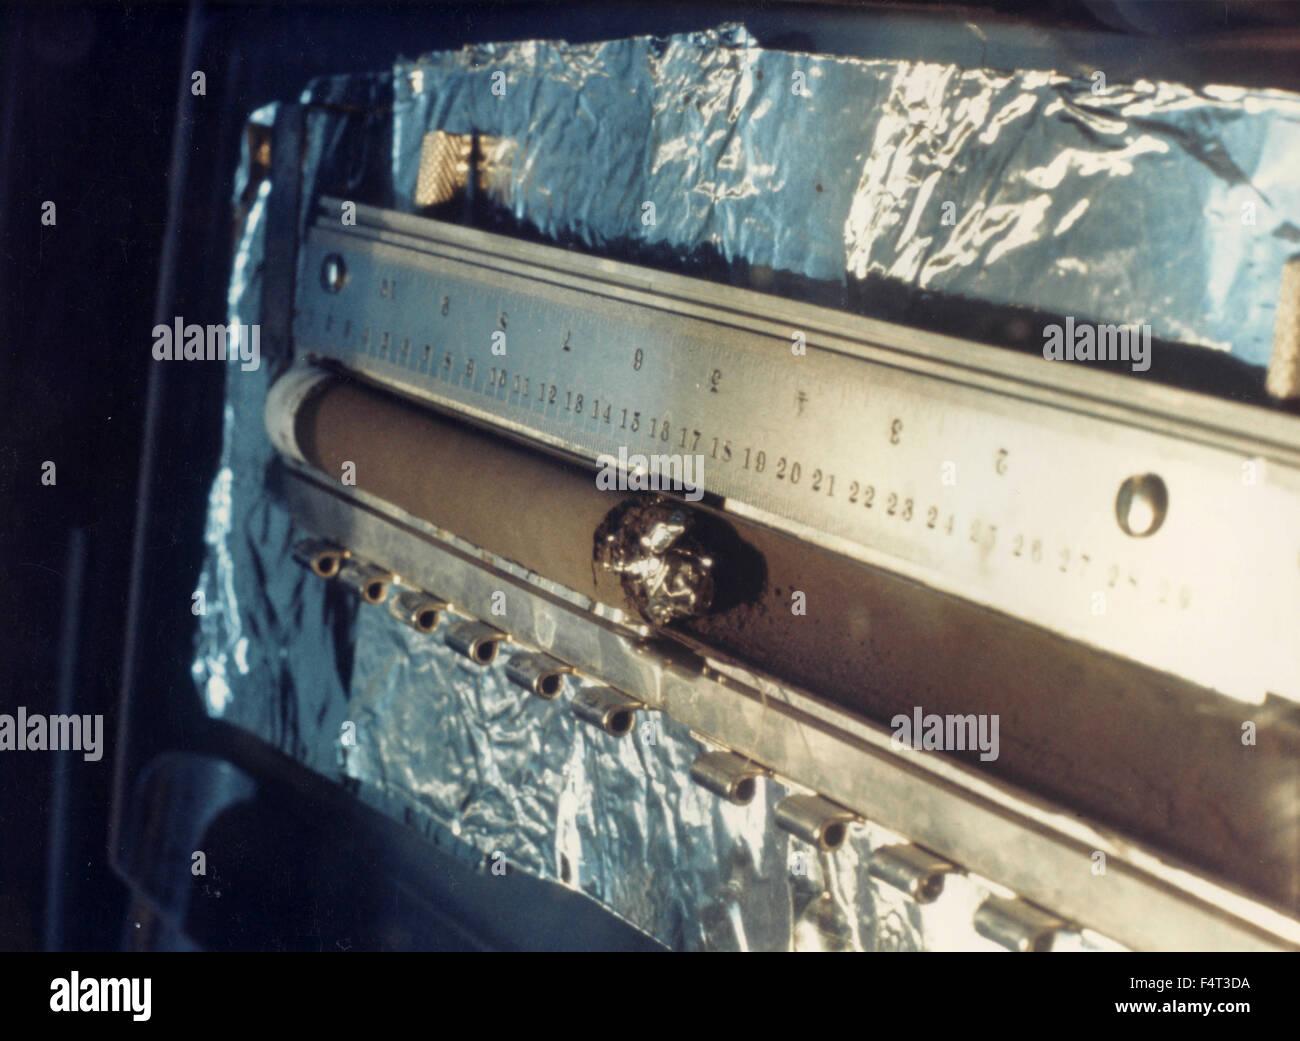 Precise lunar module of Apollo 11, USA - Stock Image